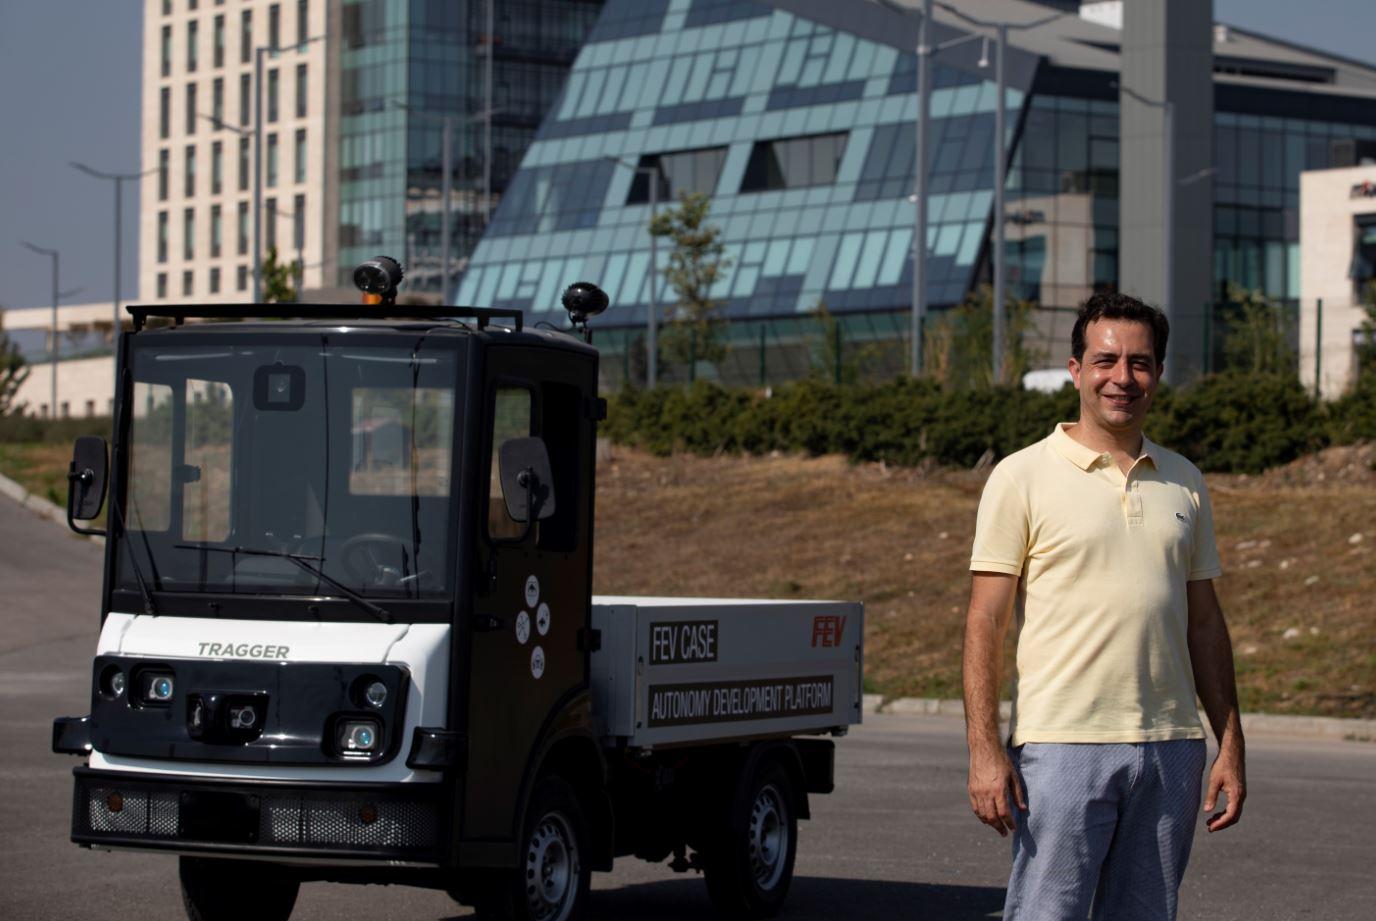 Bursa'da üretildi: Yerli ve milli elektrikli hizmet aracının testleri başladı